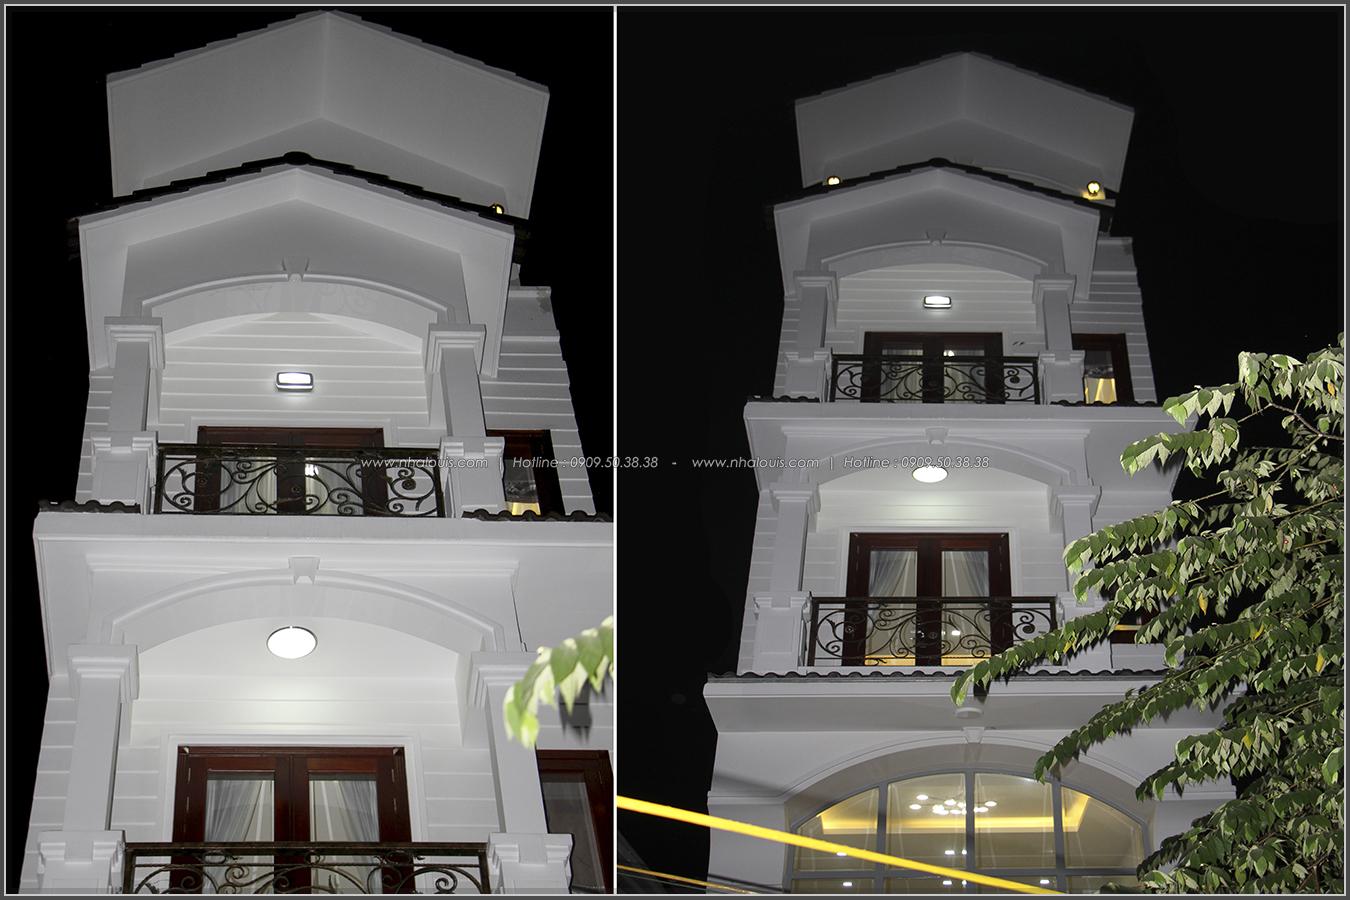 Thi công nhà phố tân cổ điển mang vẻ đẹp hiện đại tại Quận Tân Phú - 02